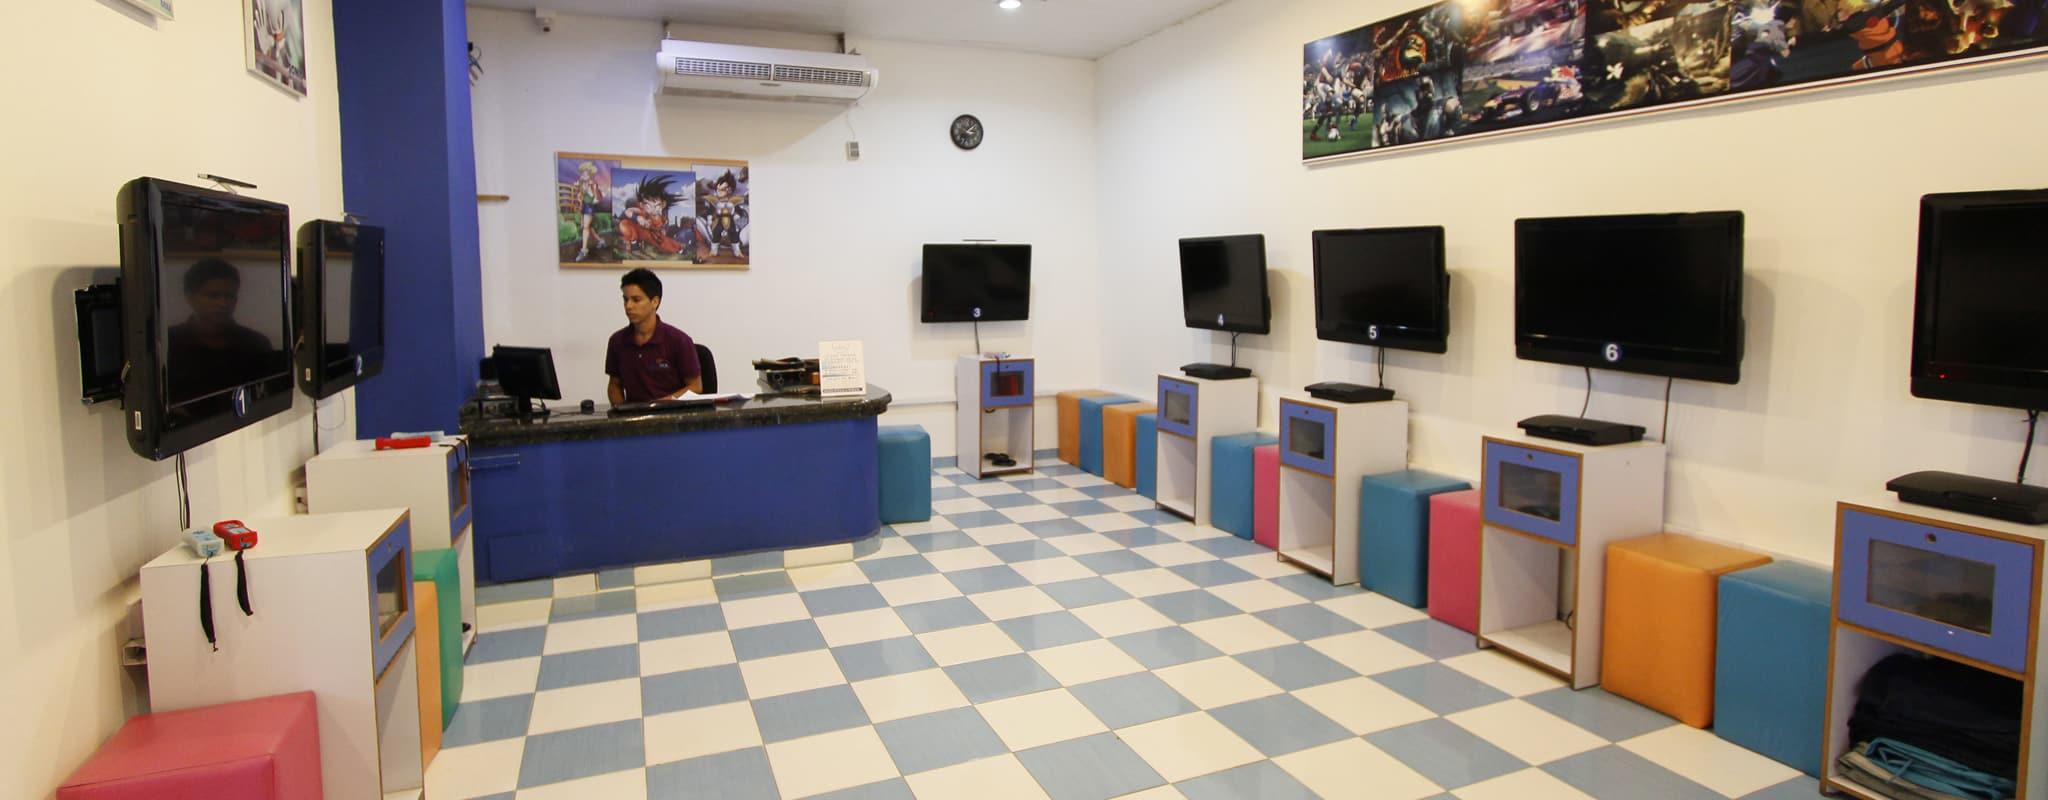 Sala de video juegos